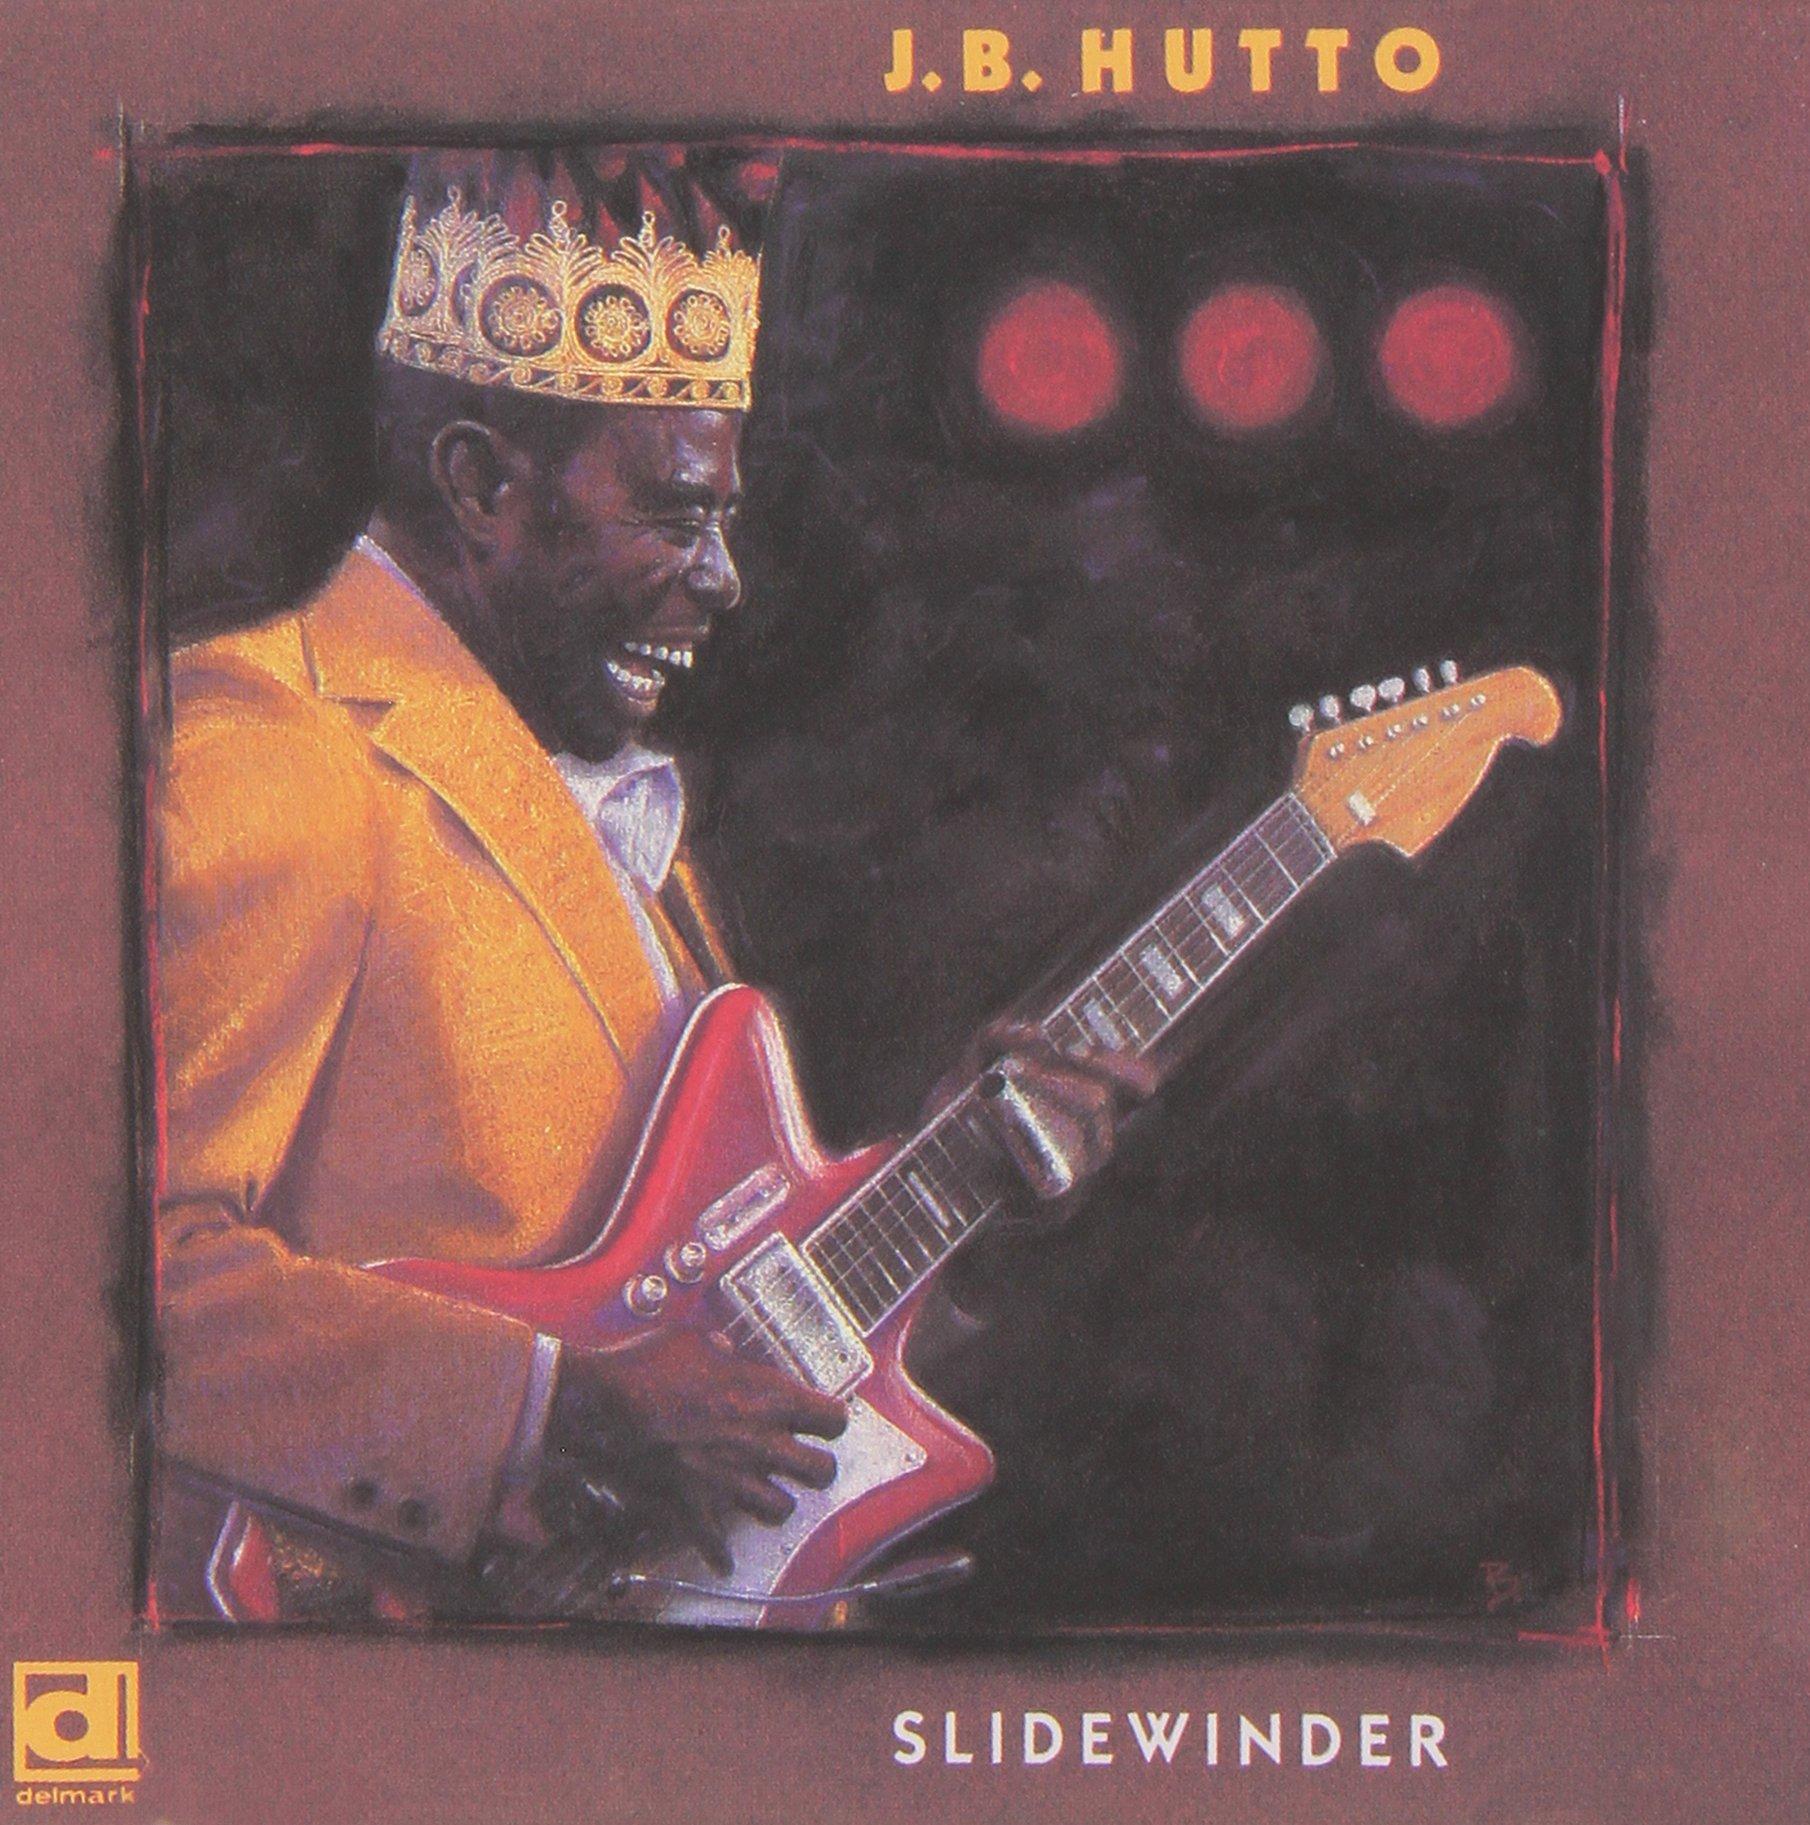 Slidewinder